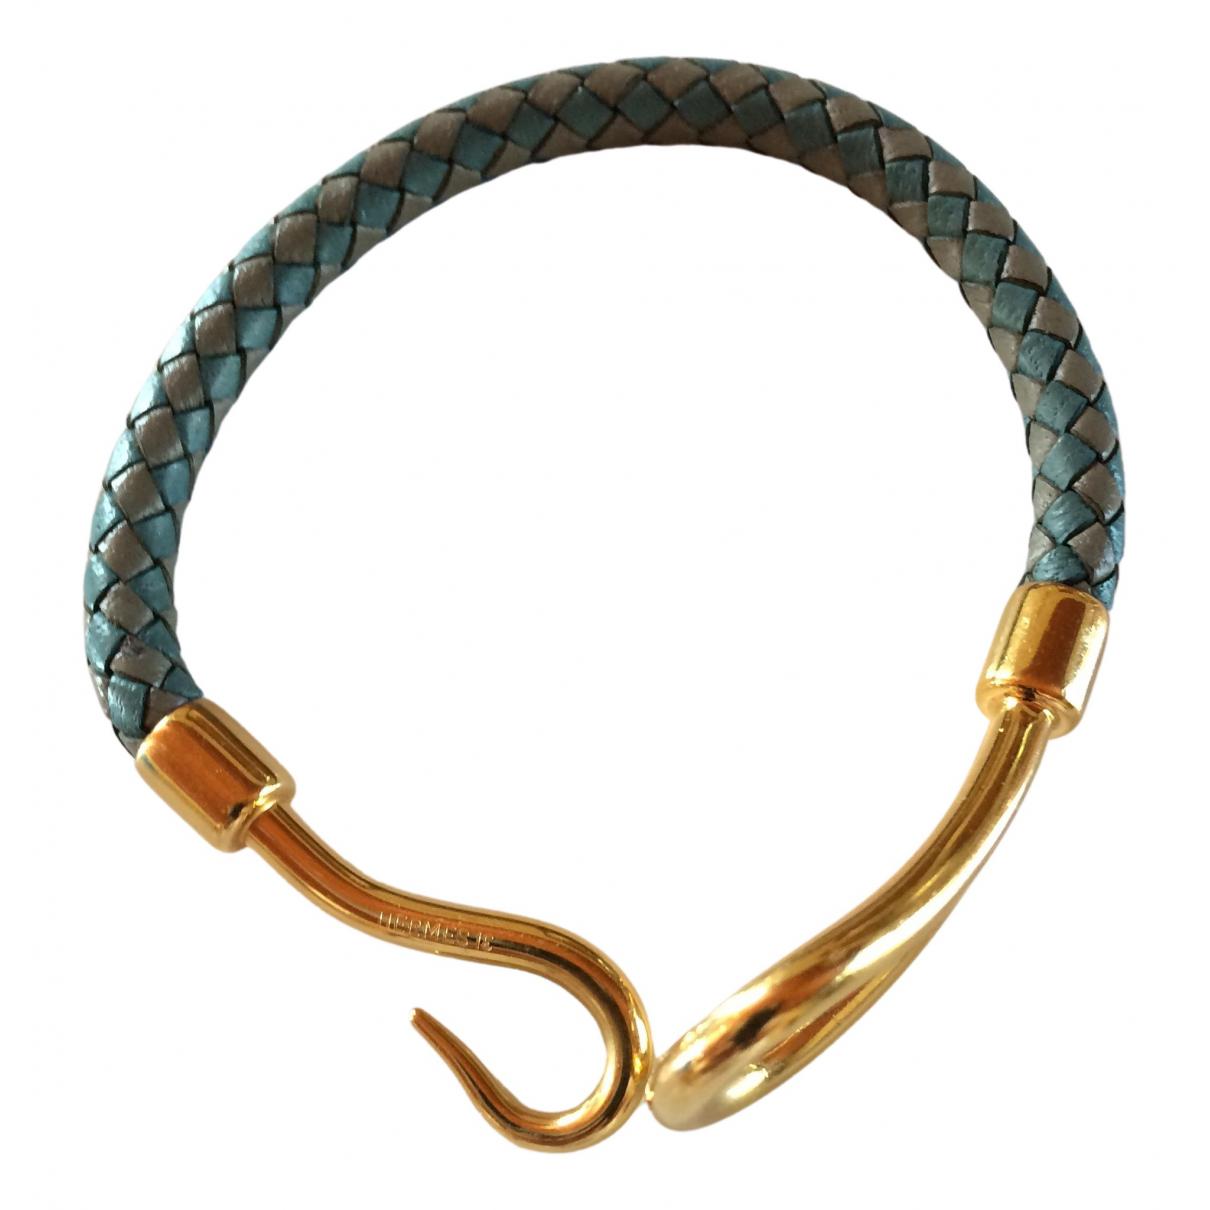 Hermes - Bracelet Jumbo pour femme en metal